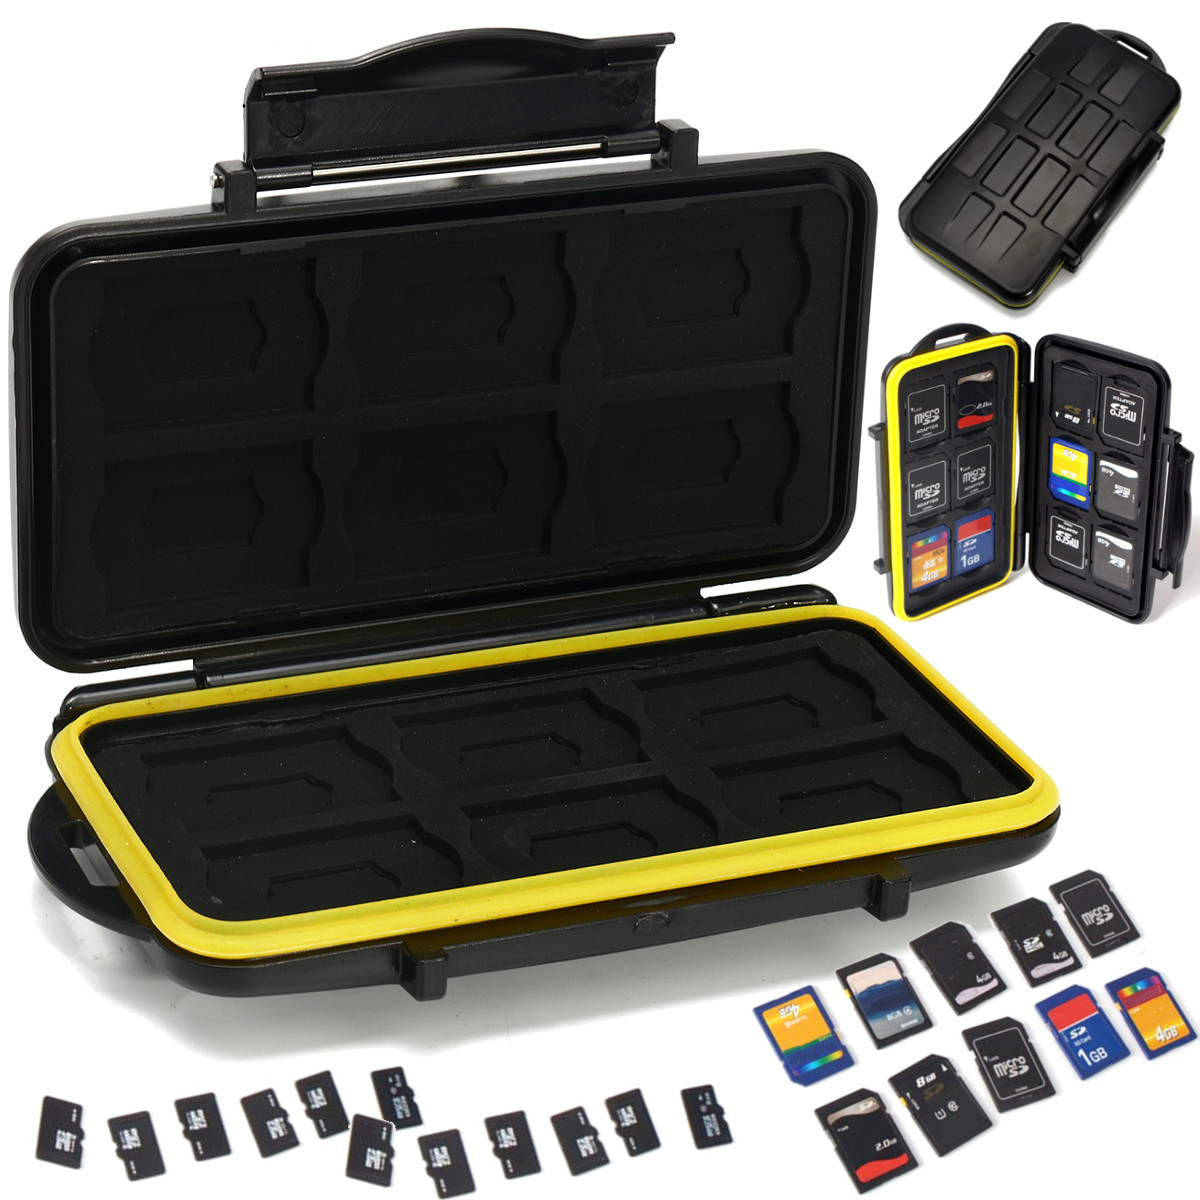 Soporte para caja de almacenamiento de tarjeta de Memoria Impermeable tarjetas 12+12TF Caja Anti-shock